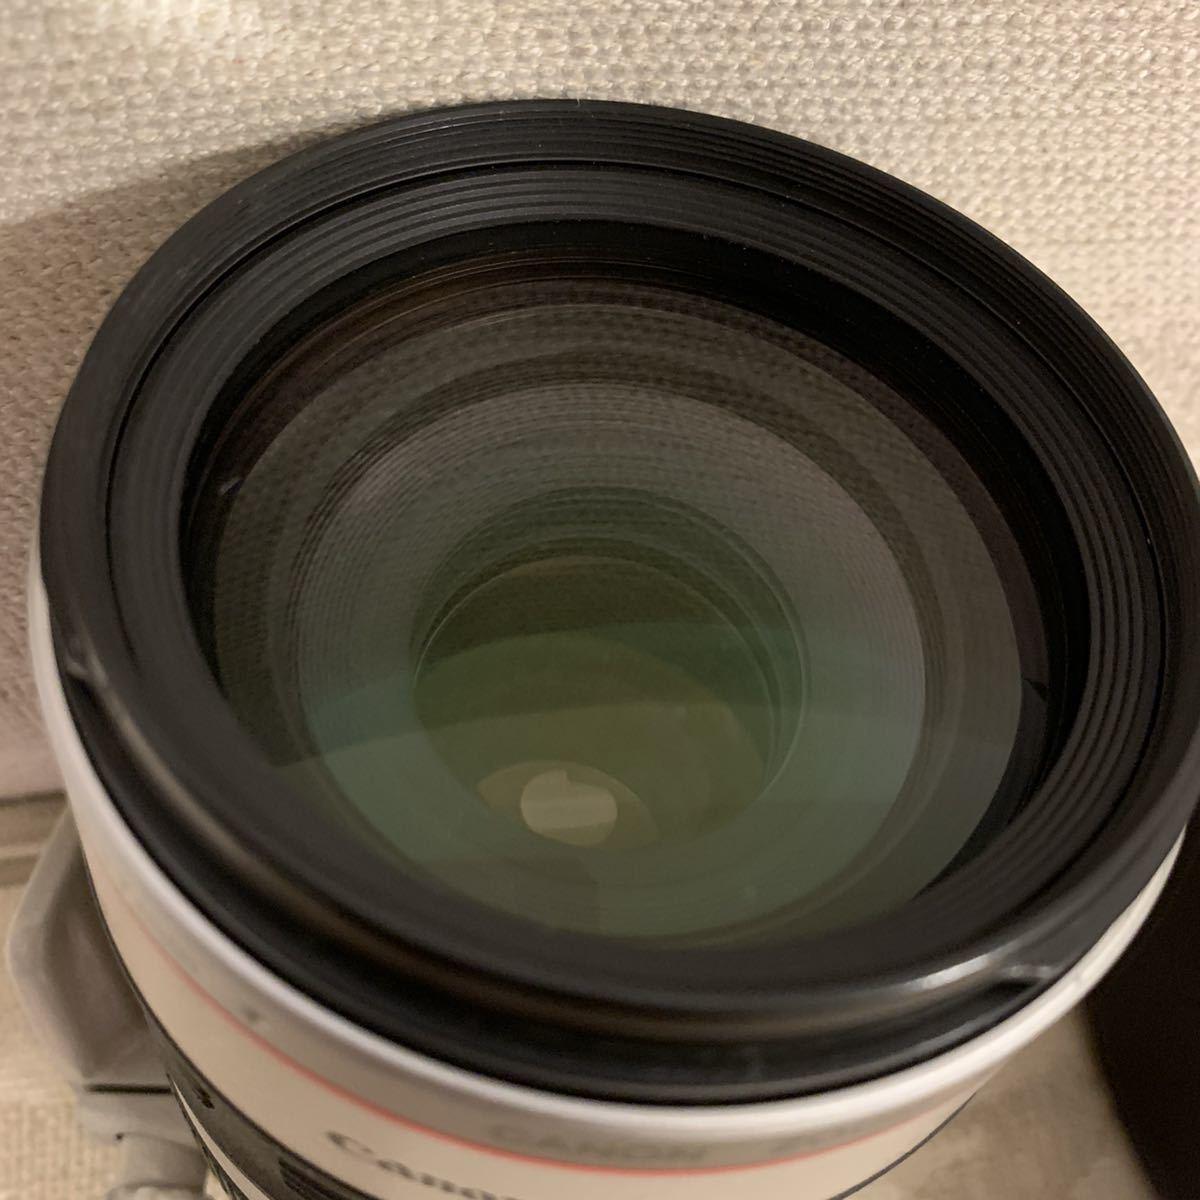 格安スタート!Canon キャノン ZOOM LENS EF 100-400㎜ 1:4.5-5.6 L IS USM ULTRASONIC IMAGE STABILIZER フード ケース付_画像9